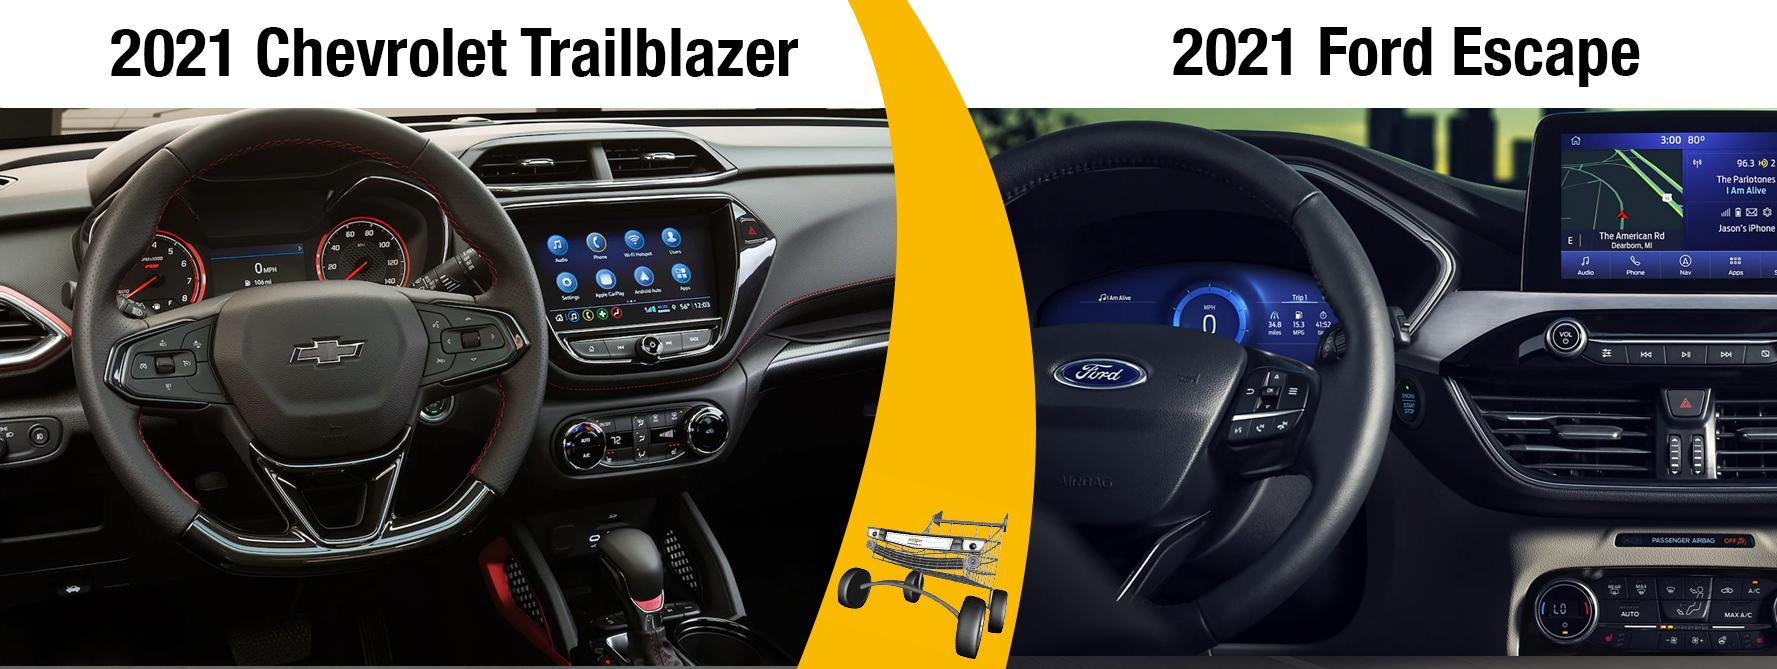 2021 Chevrolet Trailblazer Vs. 2021 Ford Escape Comparisons